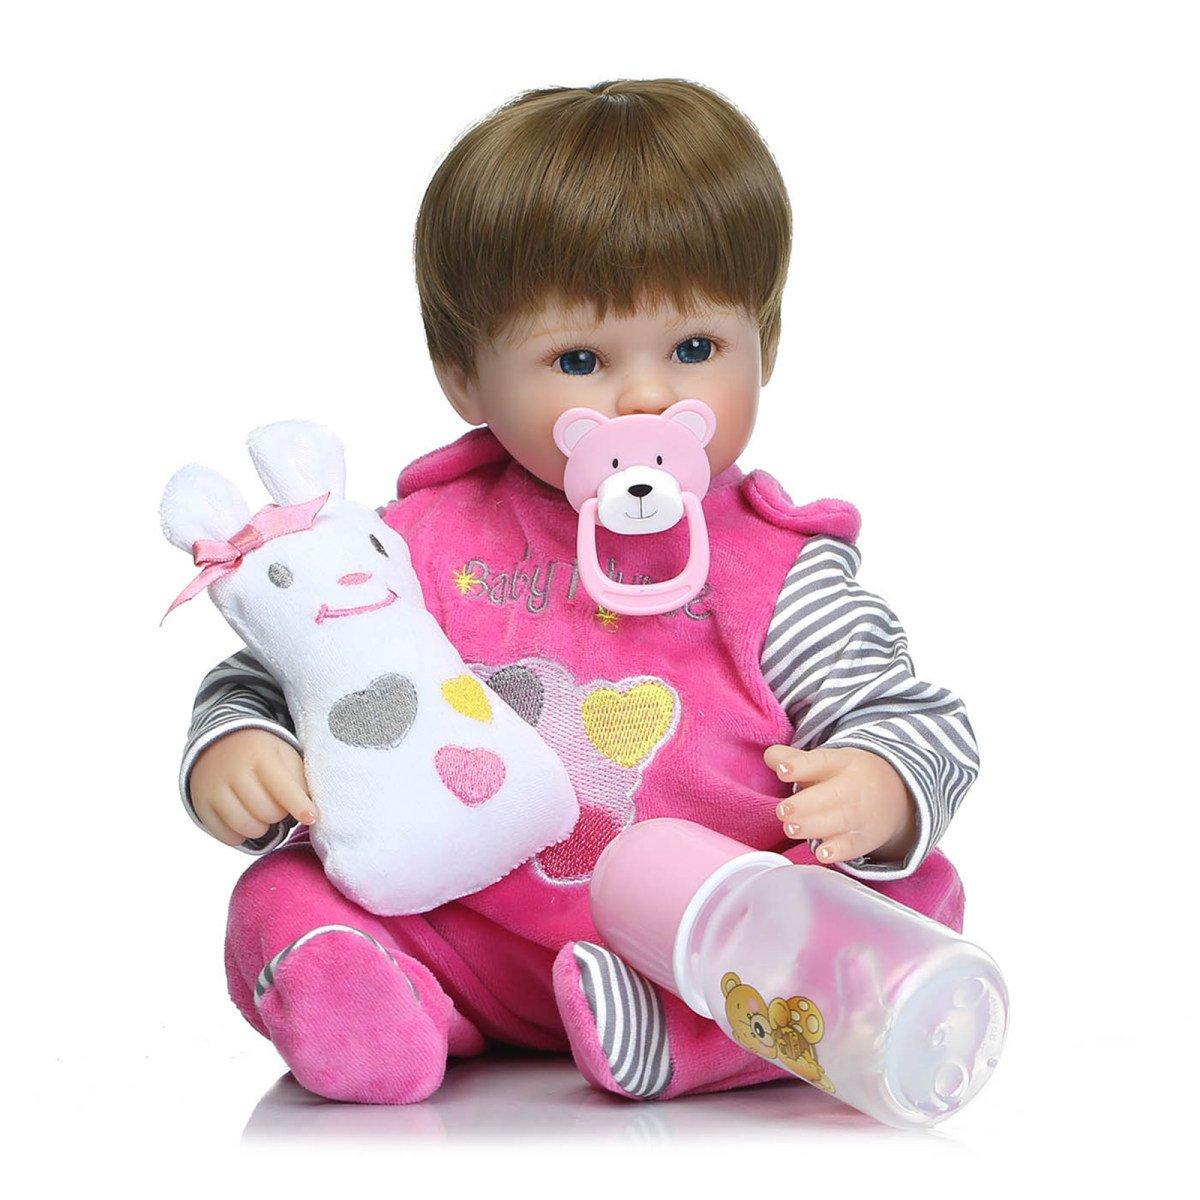 Silikon Vinyl Reborn Baby Puppen Handgemachte Lebensechte Realistische Baby Puppe Weiche Simulation 16 Zoll 42 Cm Augen öffnen Kinder Lieblings Geschenk